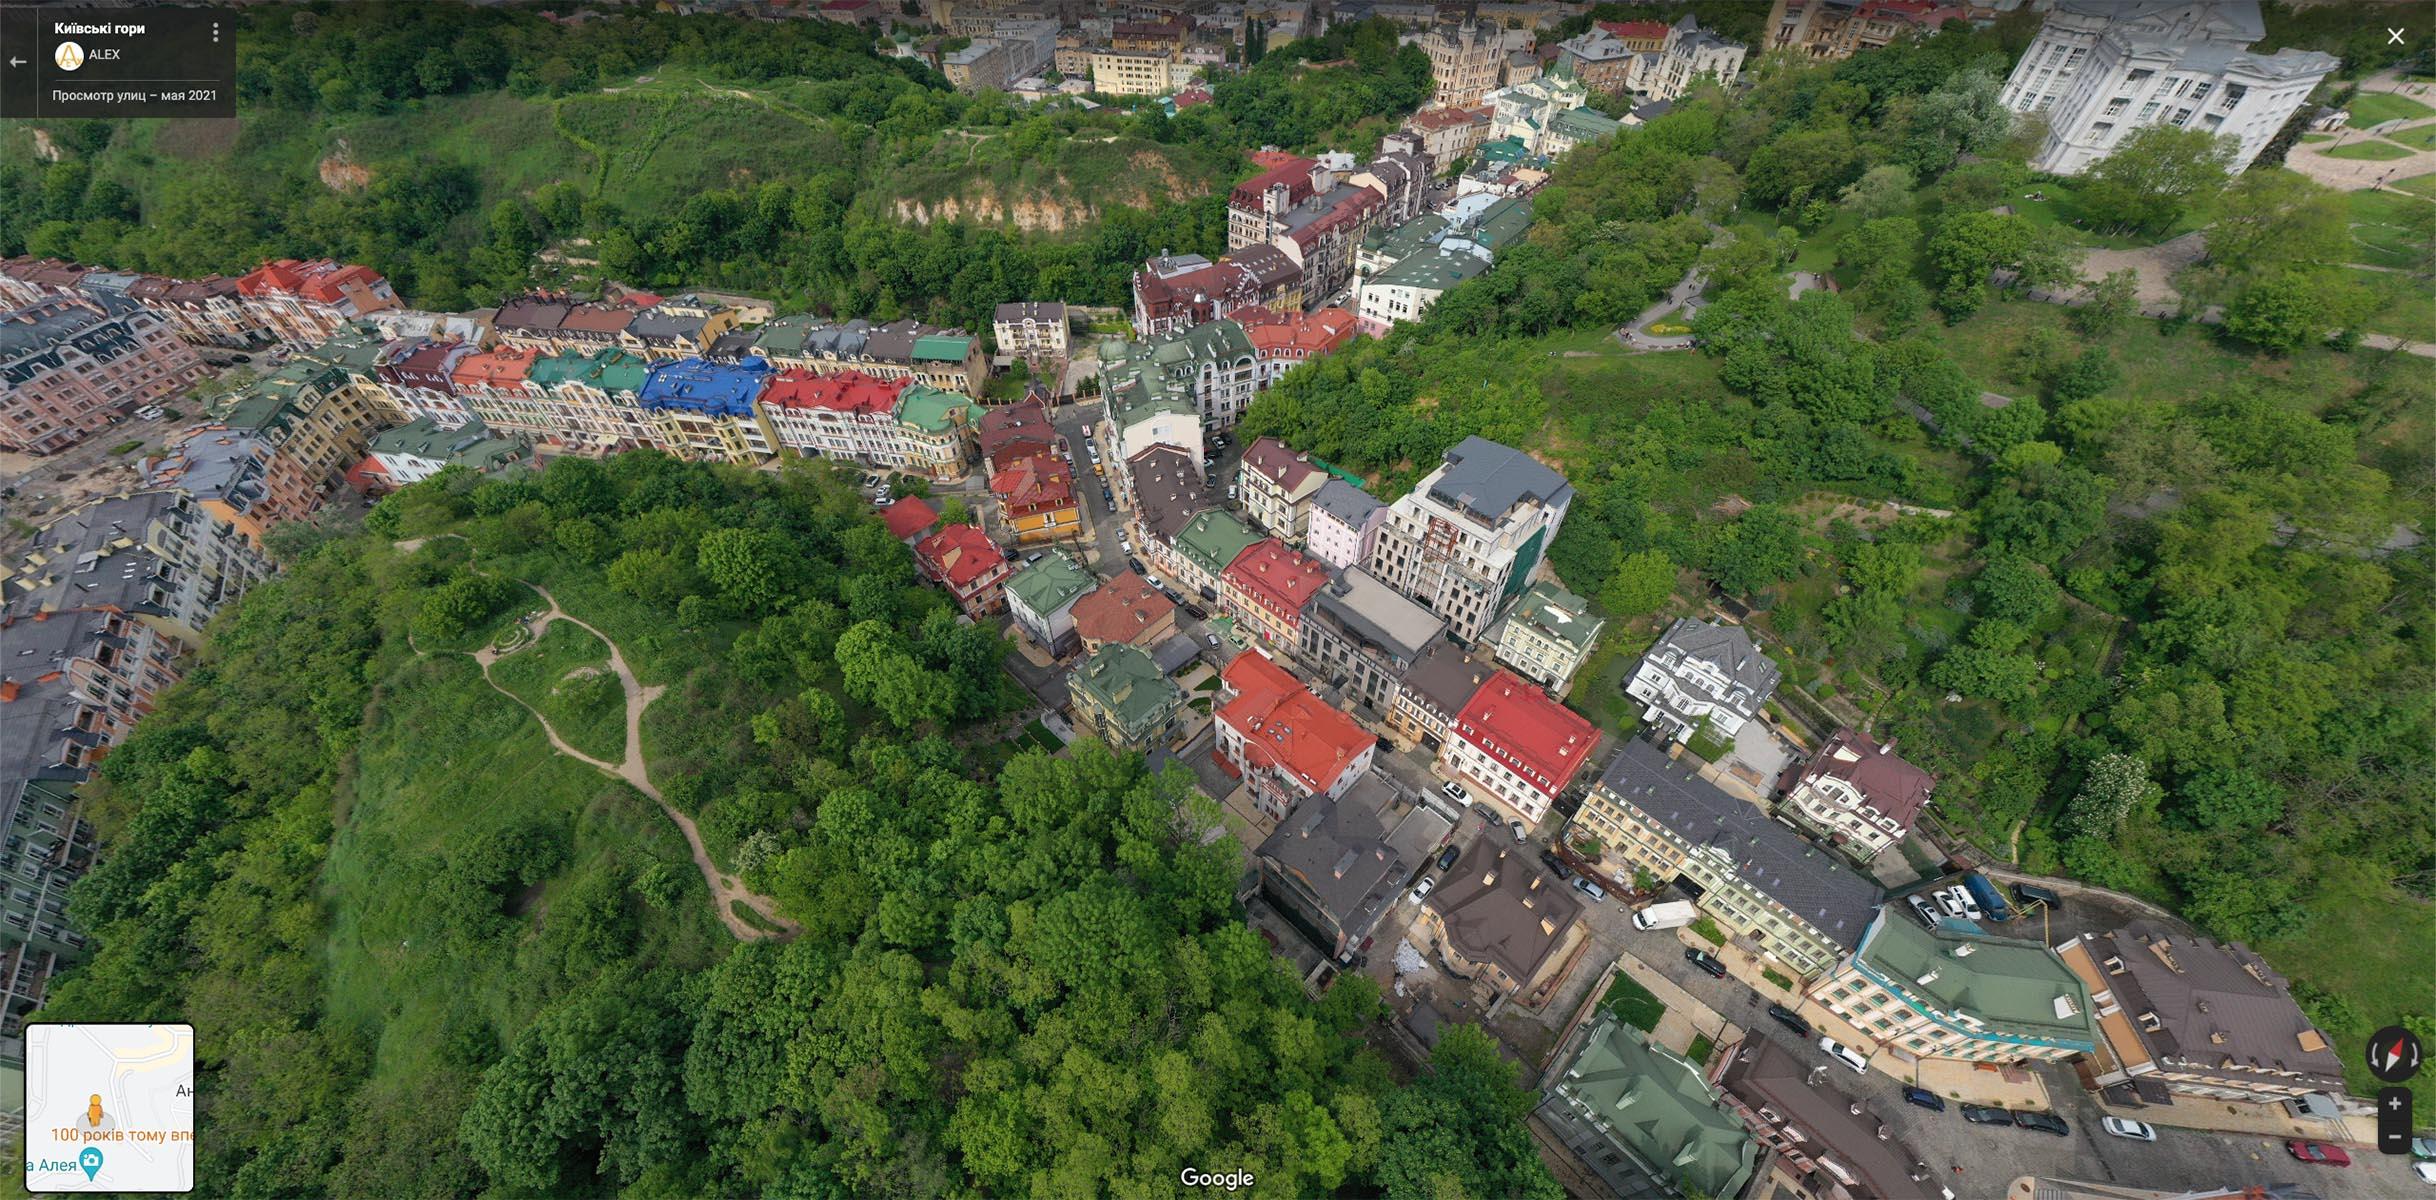 Фото — Google maps, пользователь ALEX.